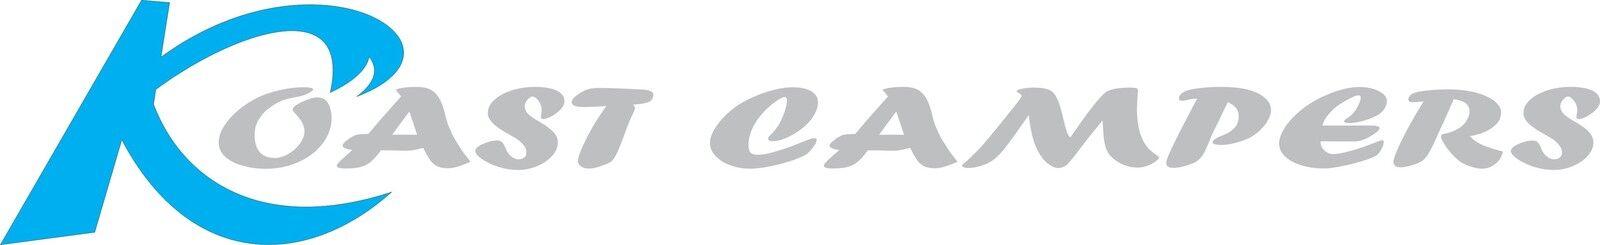 koastcampers